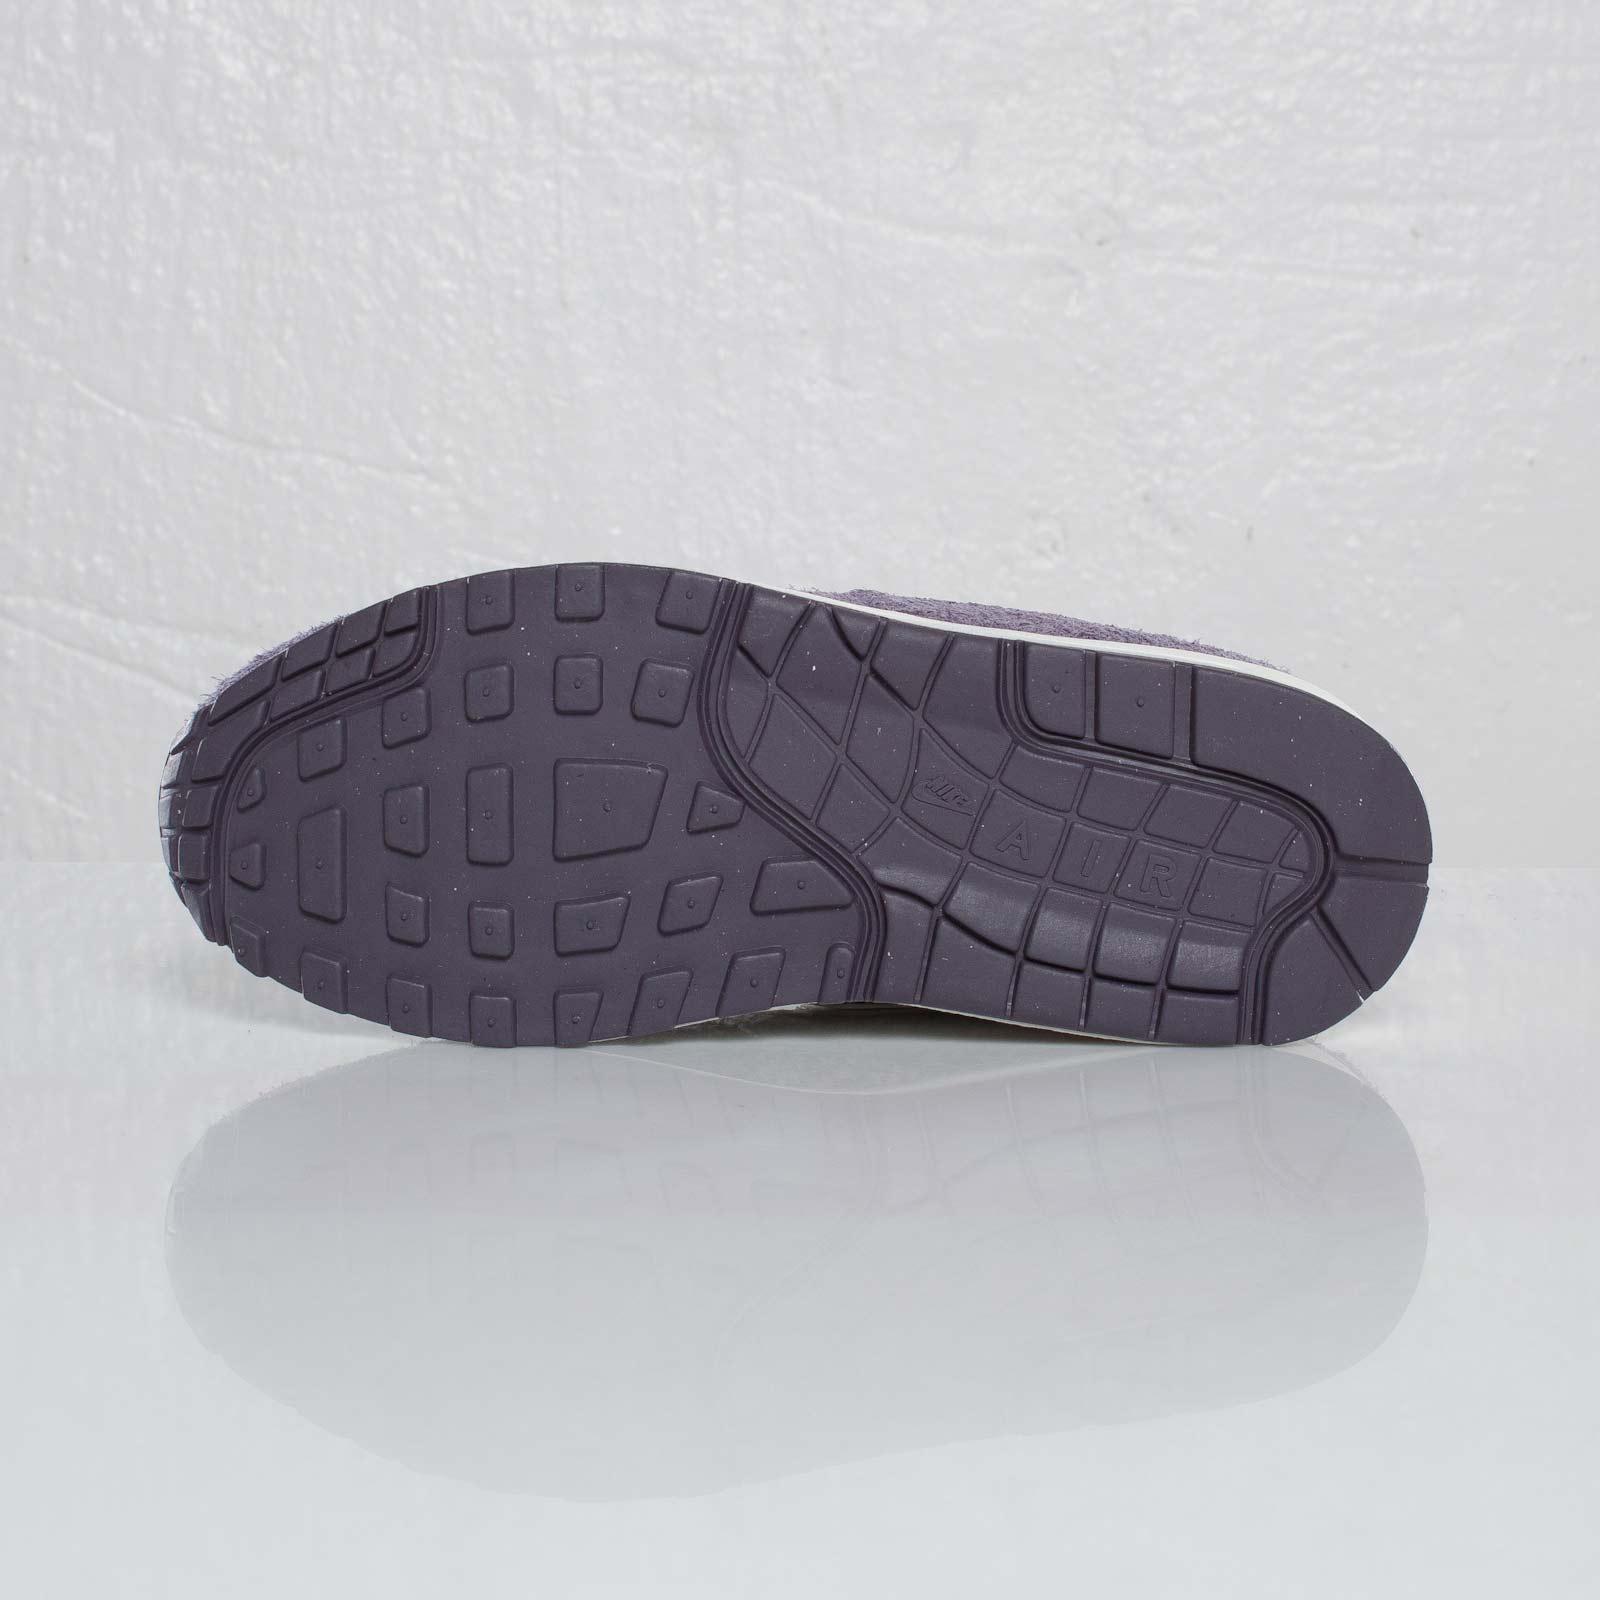 """c4b659bdee Nike Air Max 1 """"Liberty of London"""" Dark Plum/Sail-Sunlight Style: 528712-501"""